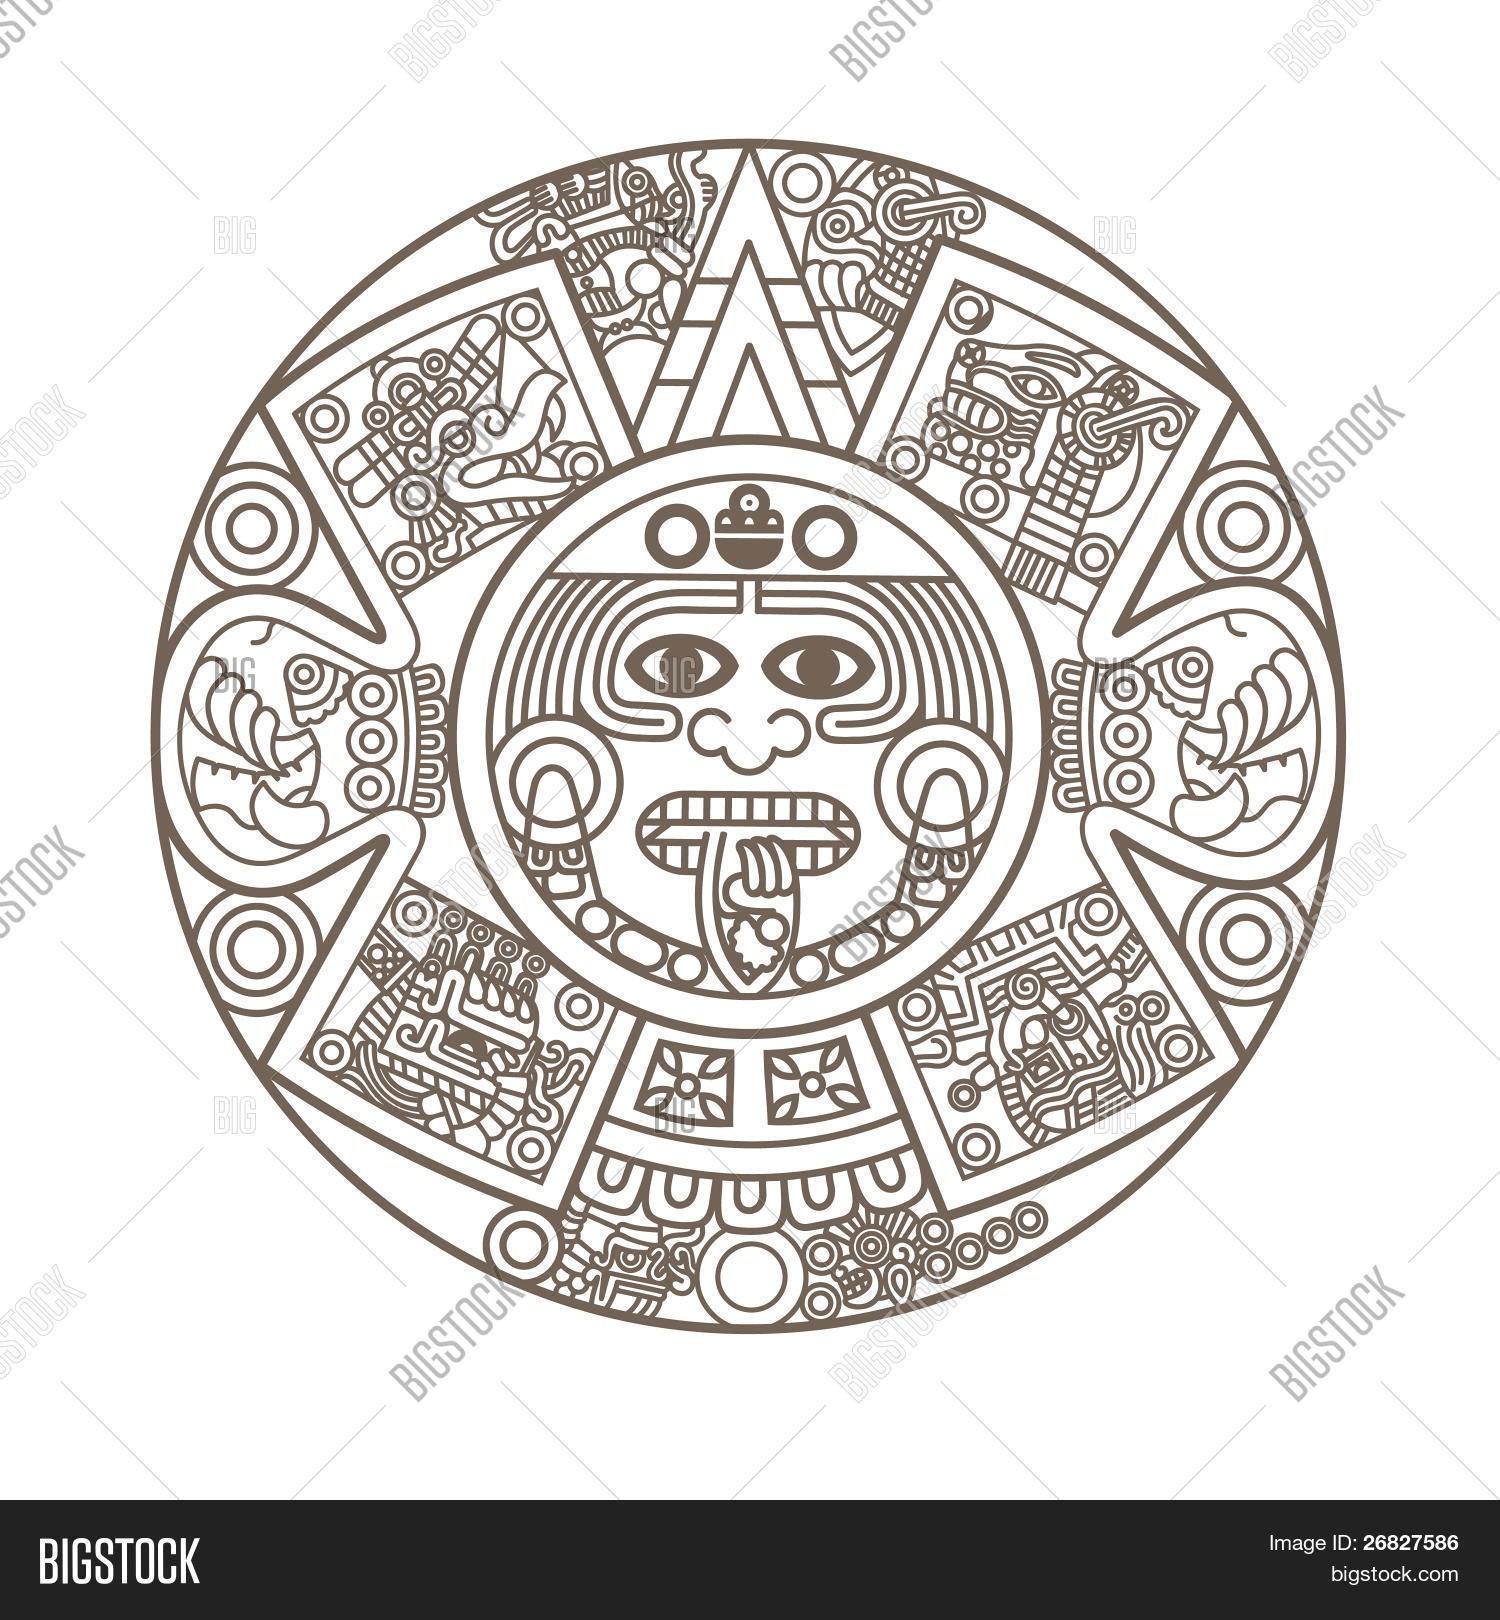 26827586 On How To Make An Aztec Calendar - Free Calendar Collection regarding Aztec Calendar Printable Template